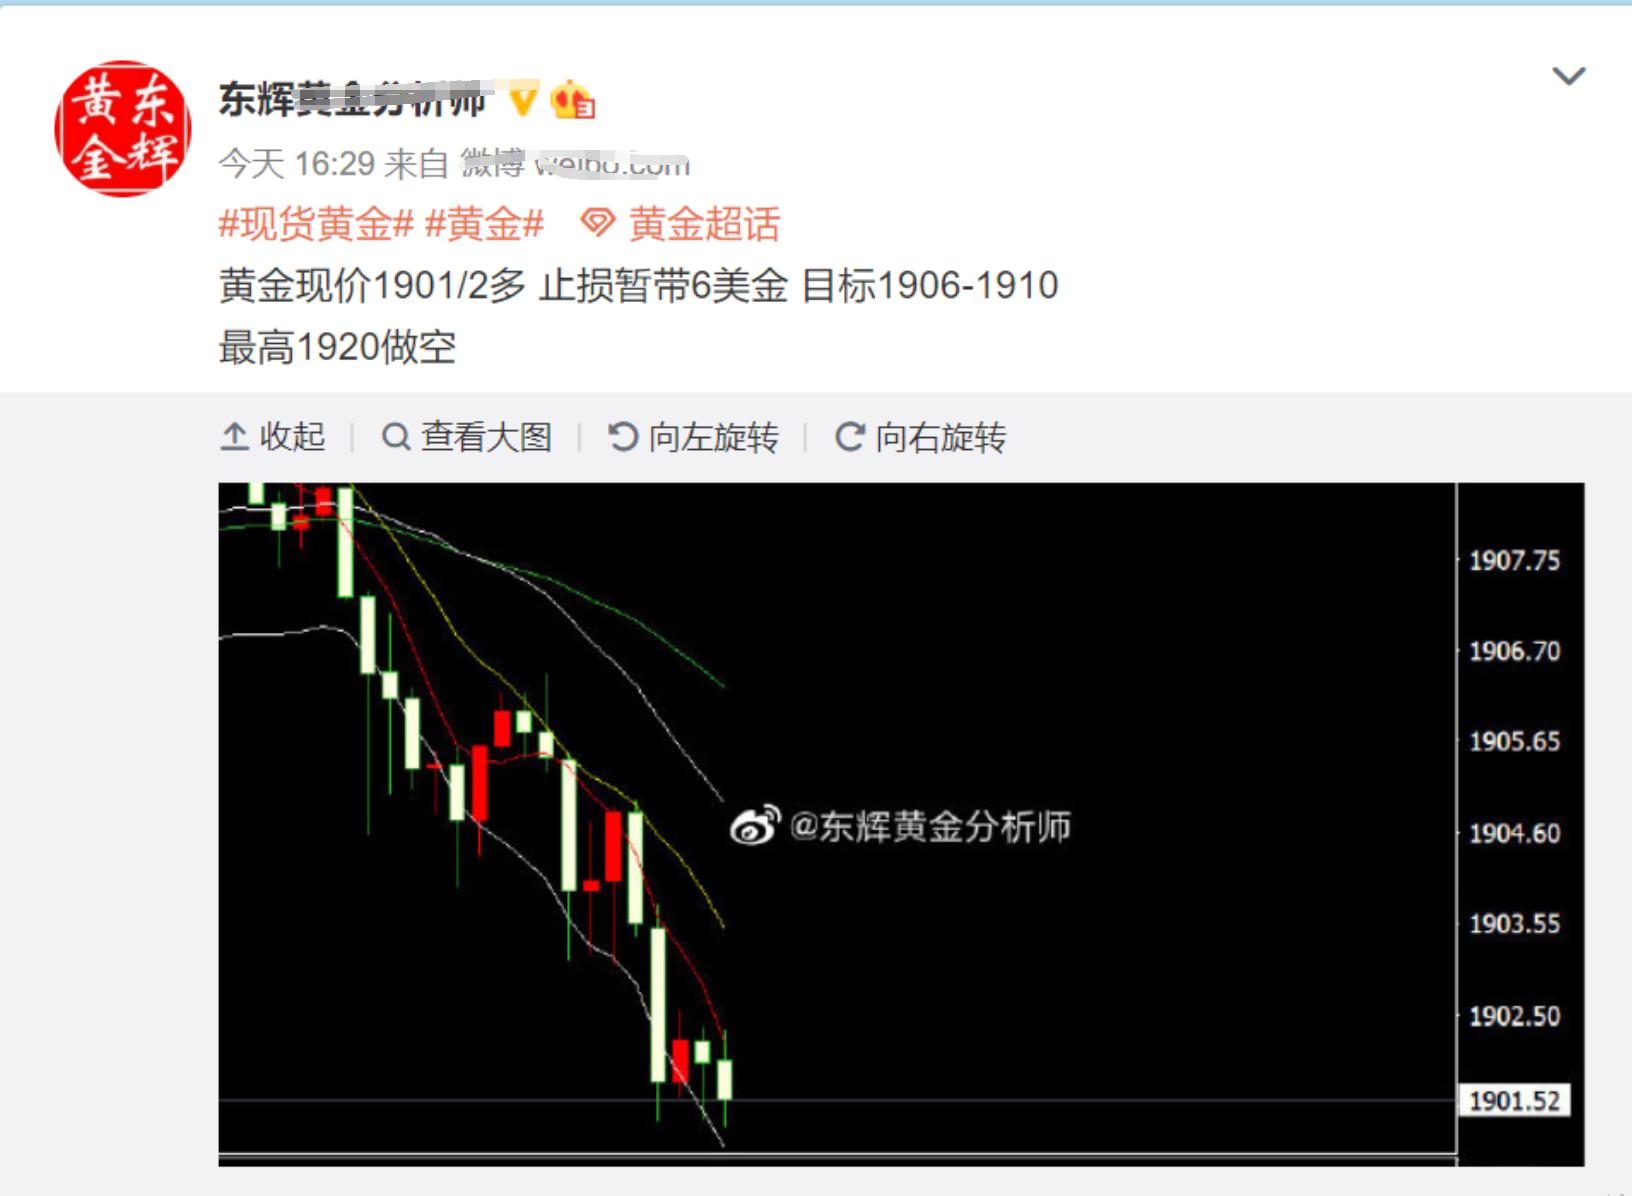 东辉:黄金突破在即,1910站稳就是1920!后市就还会涨!